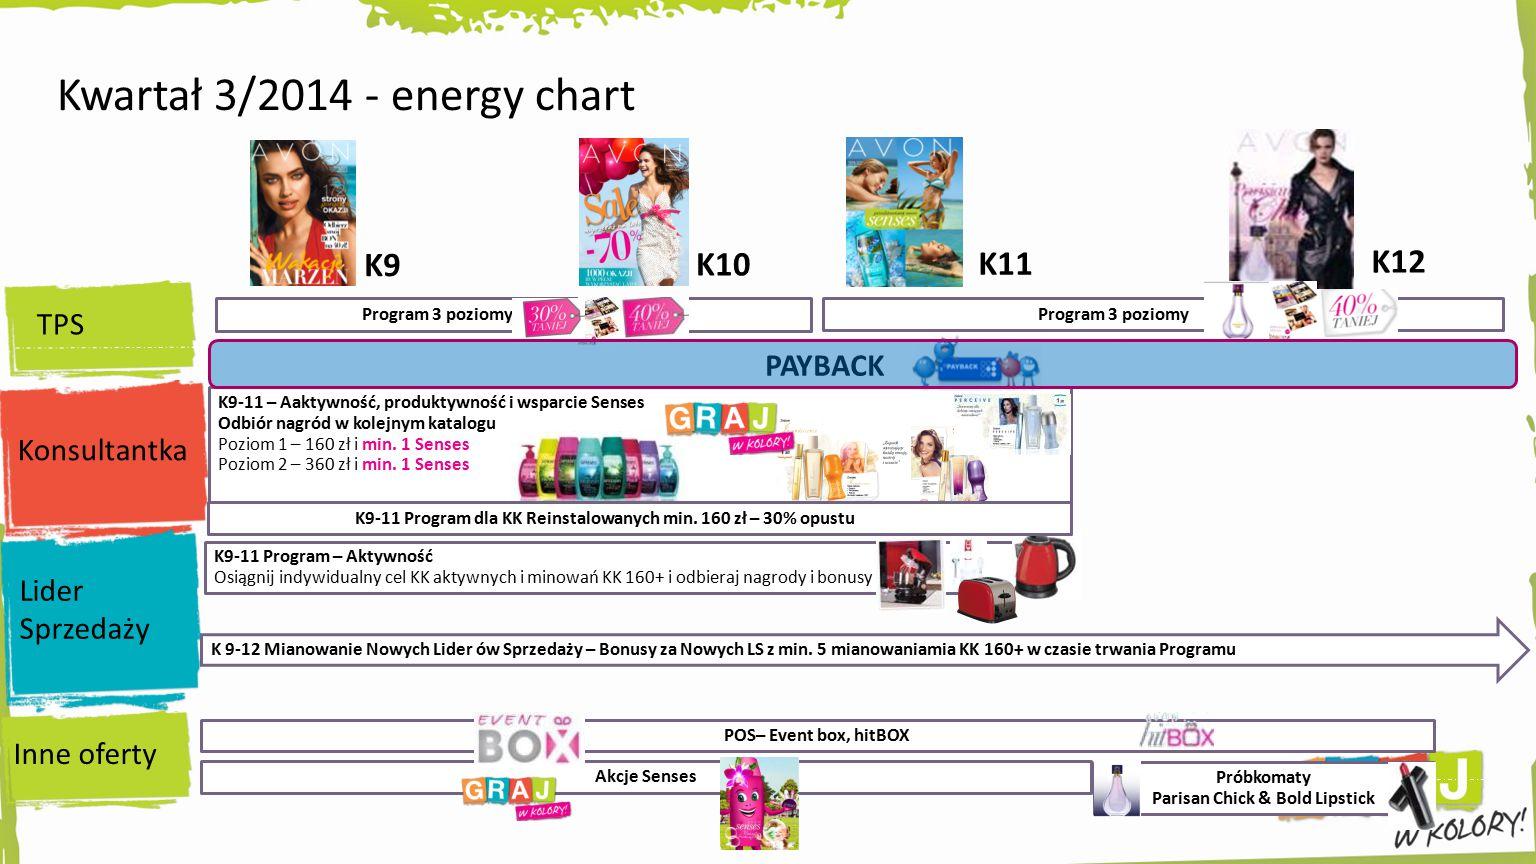 Kwartał 3/2014 - energy chart